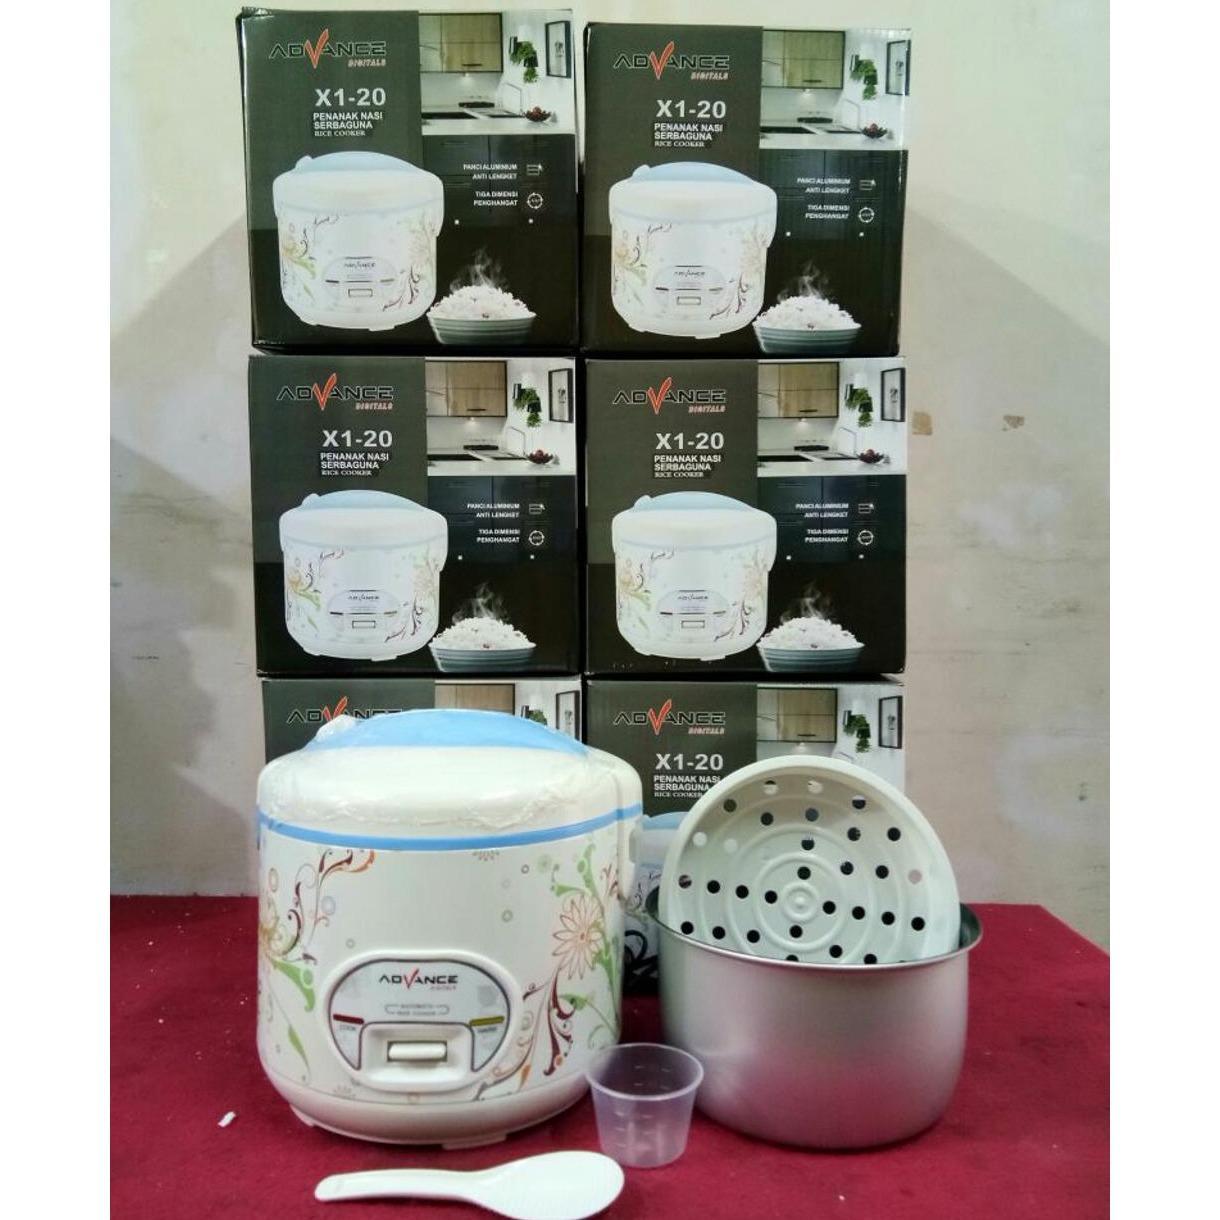 Cmos Electric Pressure Cooker Cpc 02l 12liter Update Daftar Harga Magic Com Rice 12l Crj10lj 18liter Advance X1 20 3in1